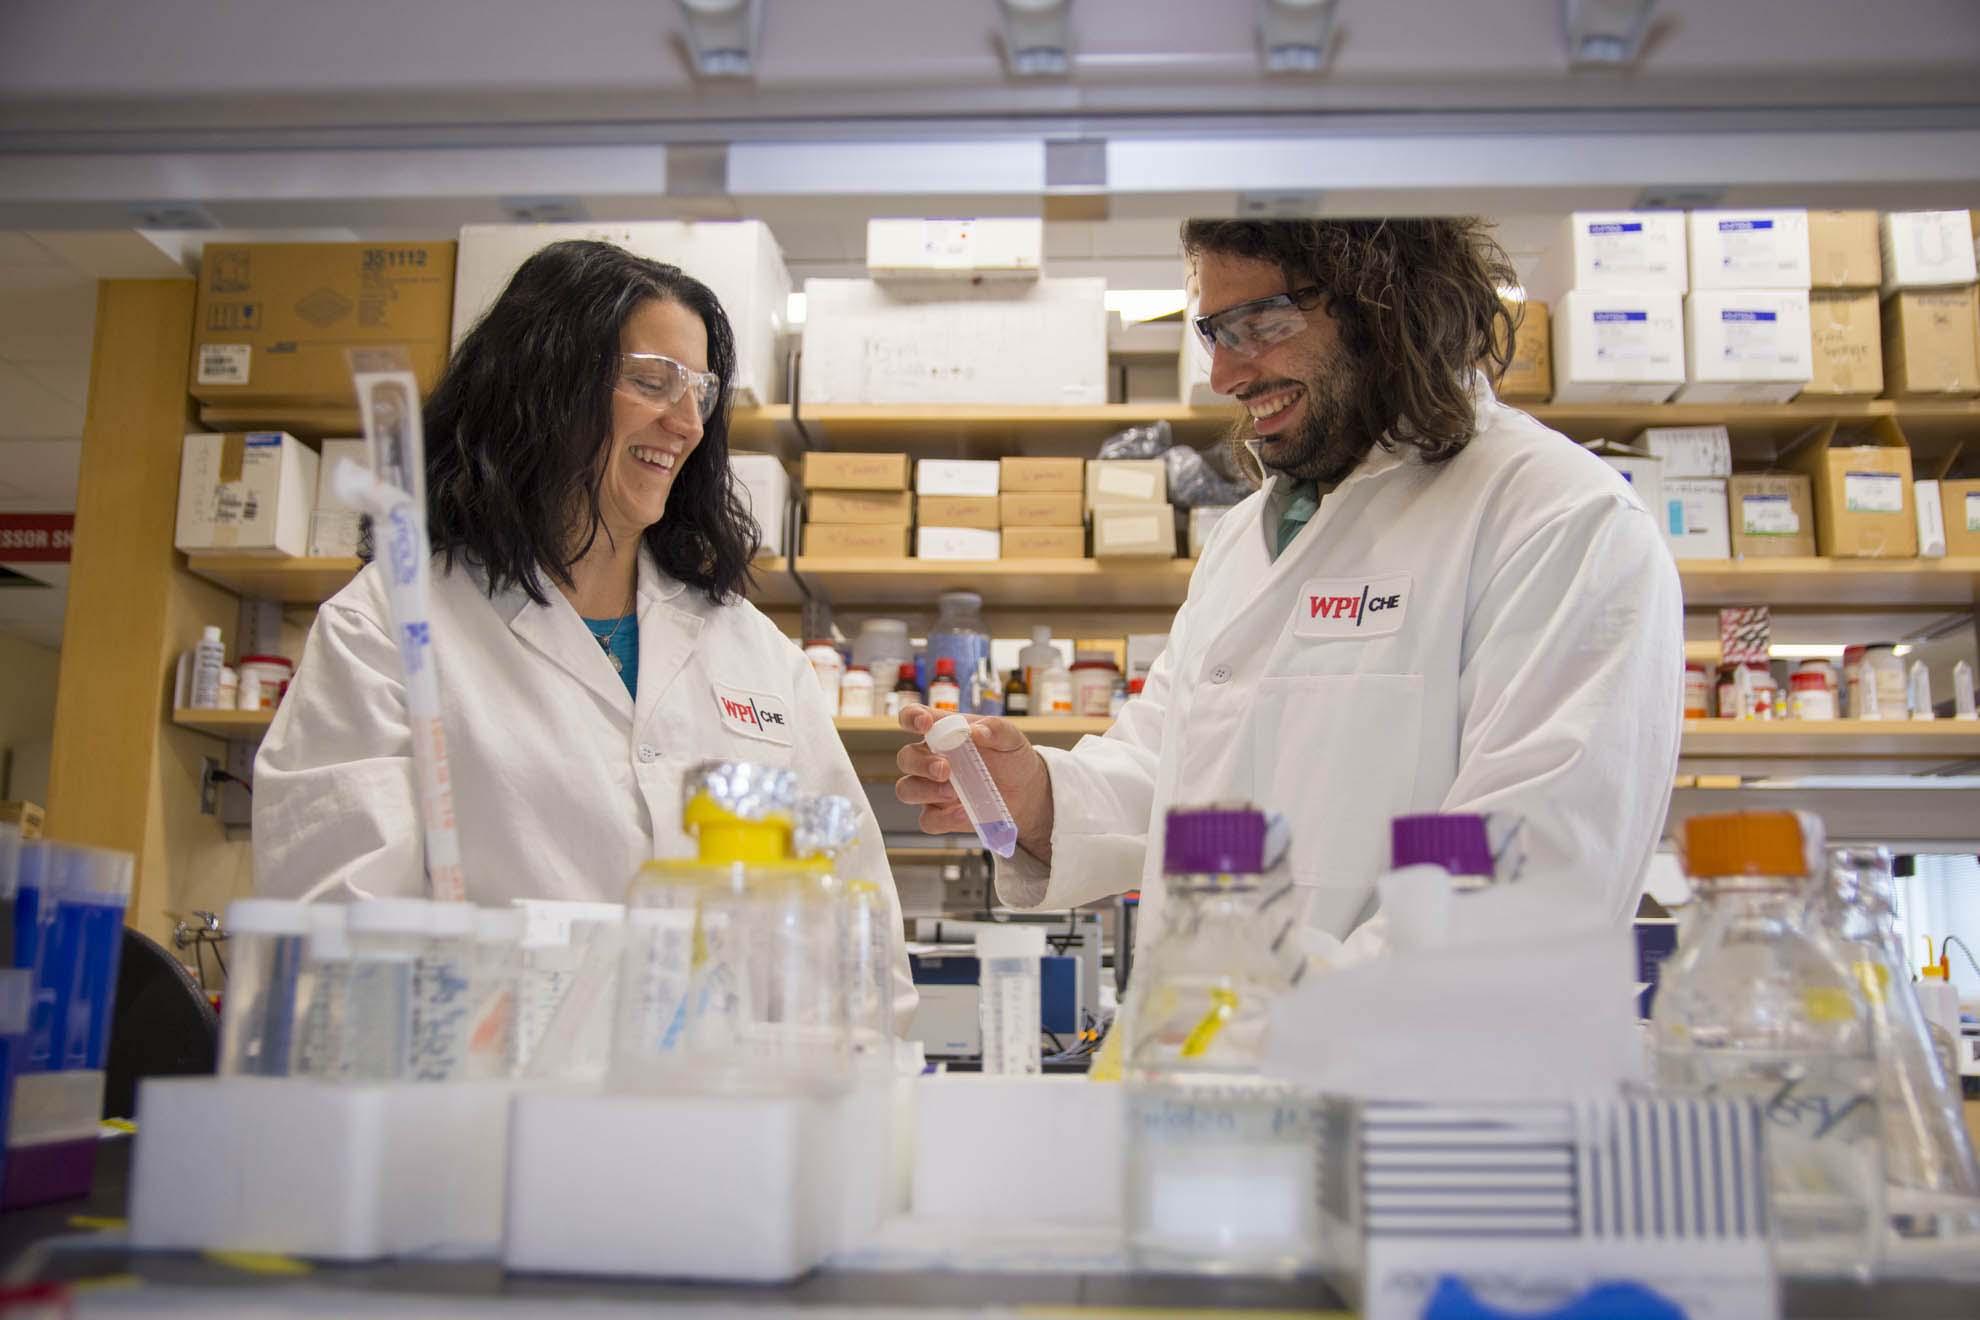 WPI Researchers in Lab